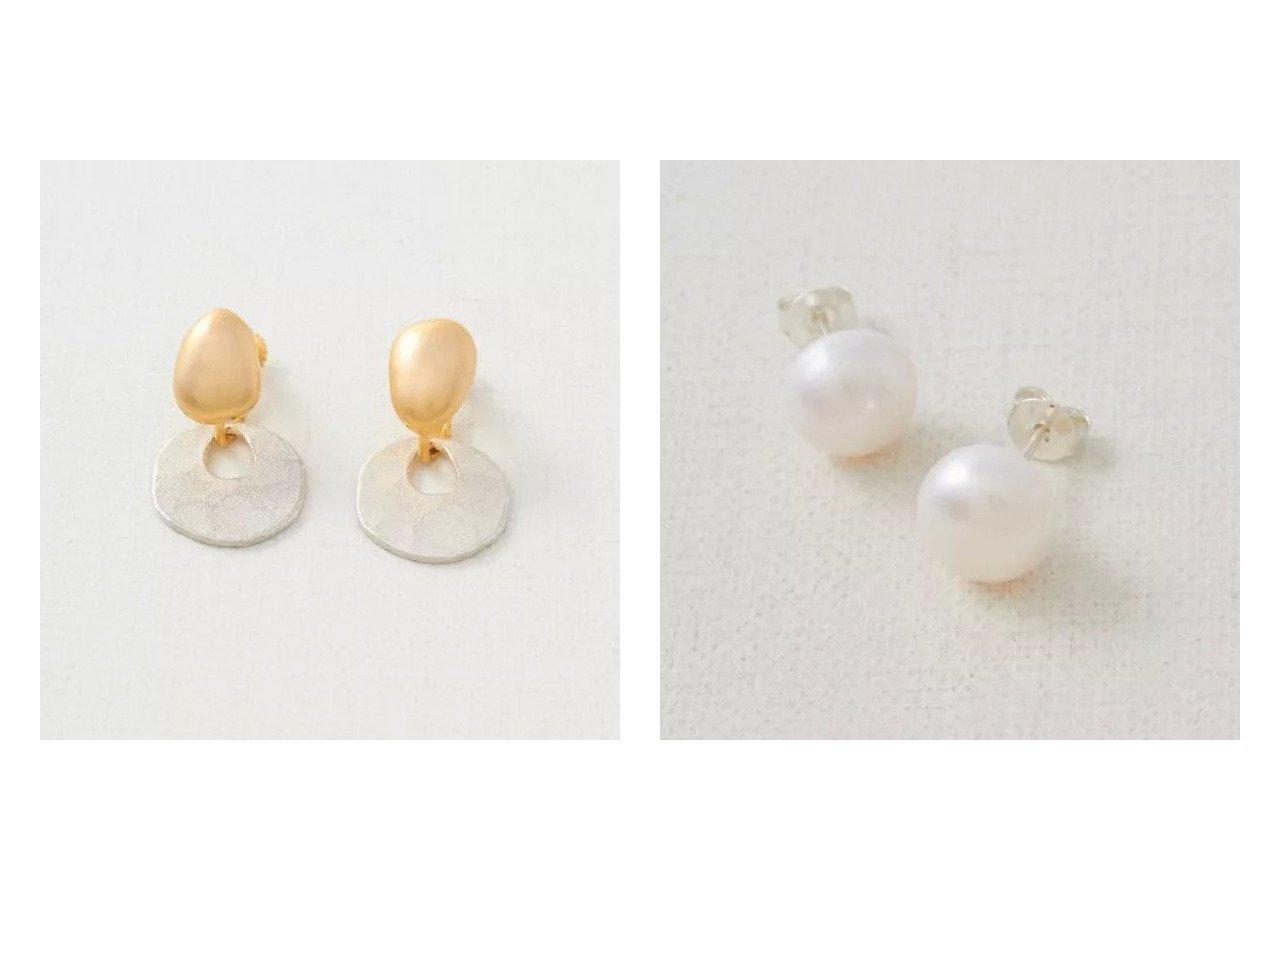 【collex/コレックス】の【ピッシェアンス】Solid & Hammered Earri&【ピッシェアンス】Freshwater seed pearl おすすめ!人気、トレンド・レディースファッションの通販  おすすめで人気の流行・トレンド、ファッションの通販商品 メンズファッション・キッズファッション・インテリア・家具・レディースファッション・服の通販 founy(ファニー) https://founy.com/ ファッション Fashion レディースファッション WOMEN アクセサリー アシンメトリー イヤリング フォルム プレート メタル シルバー シンプル スエード パール ベーシック ポーチ |ID:crp329100000014609